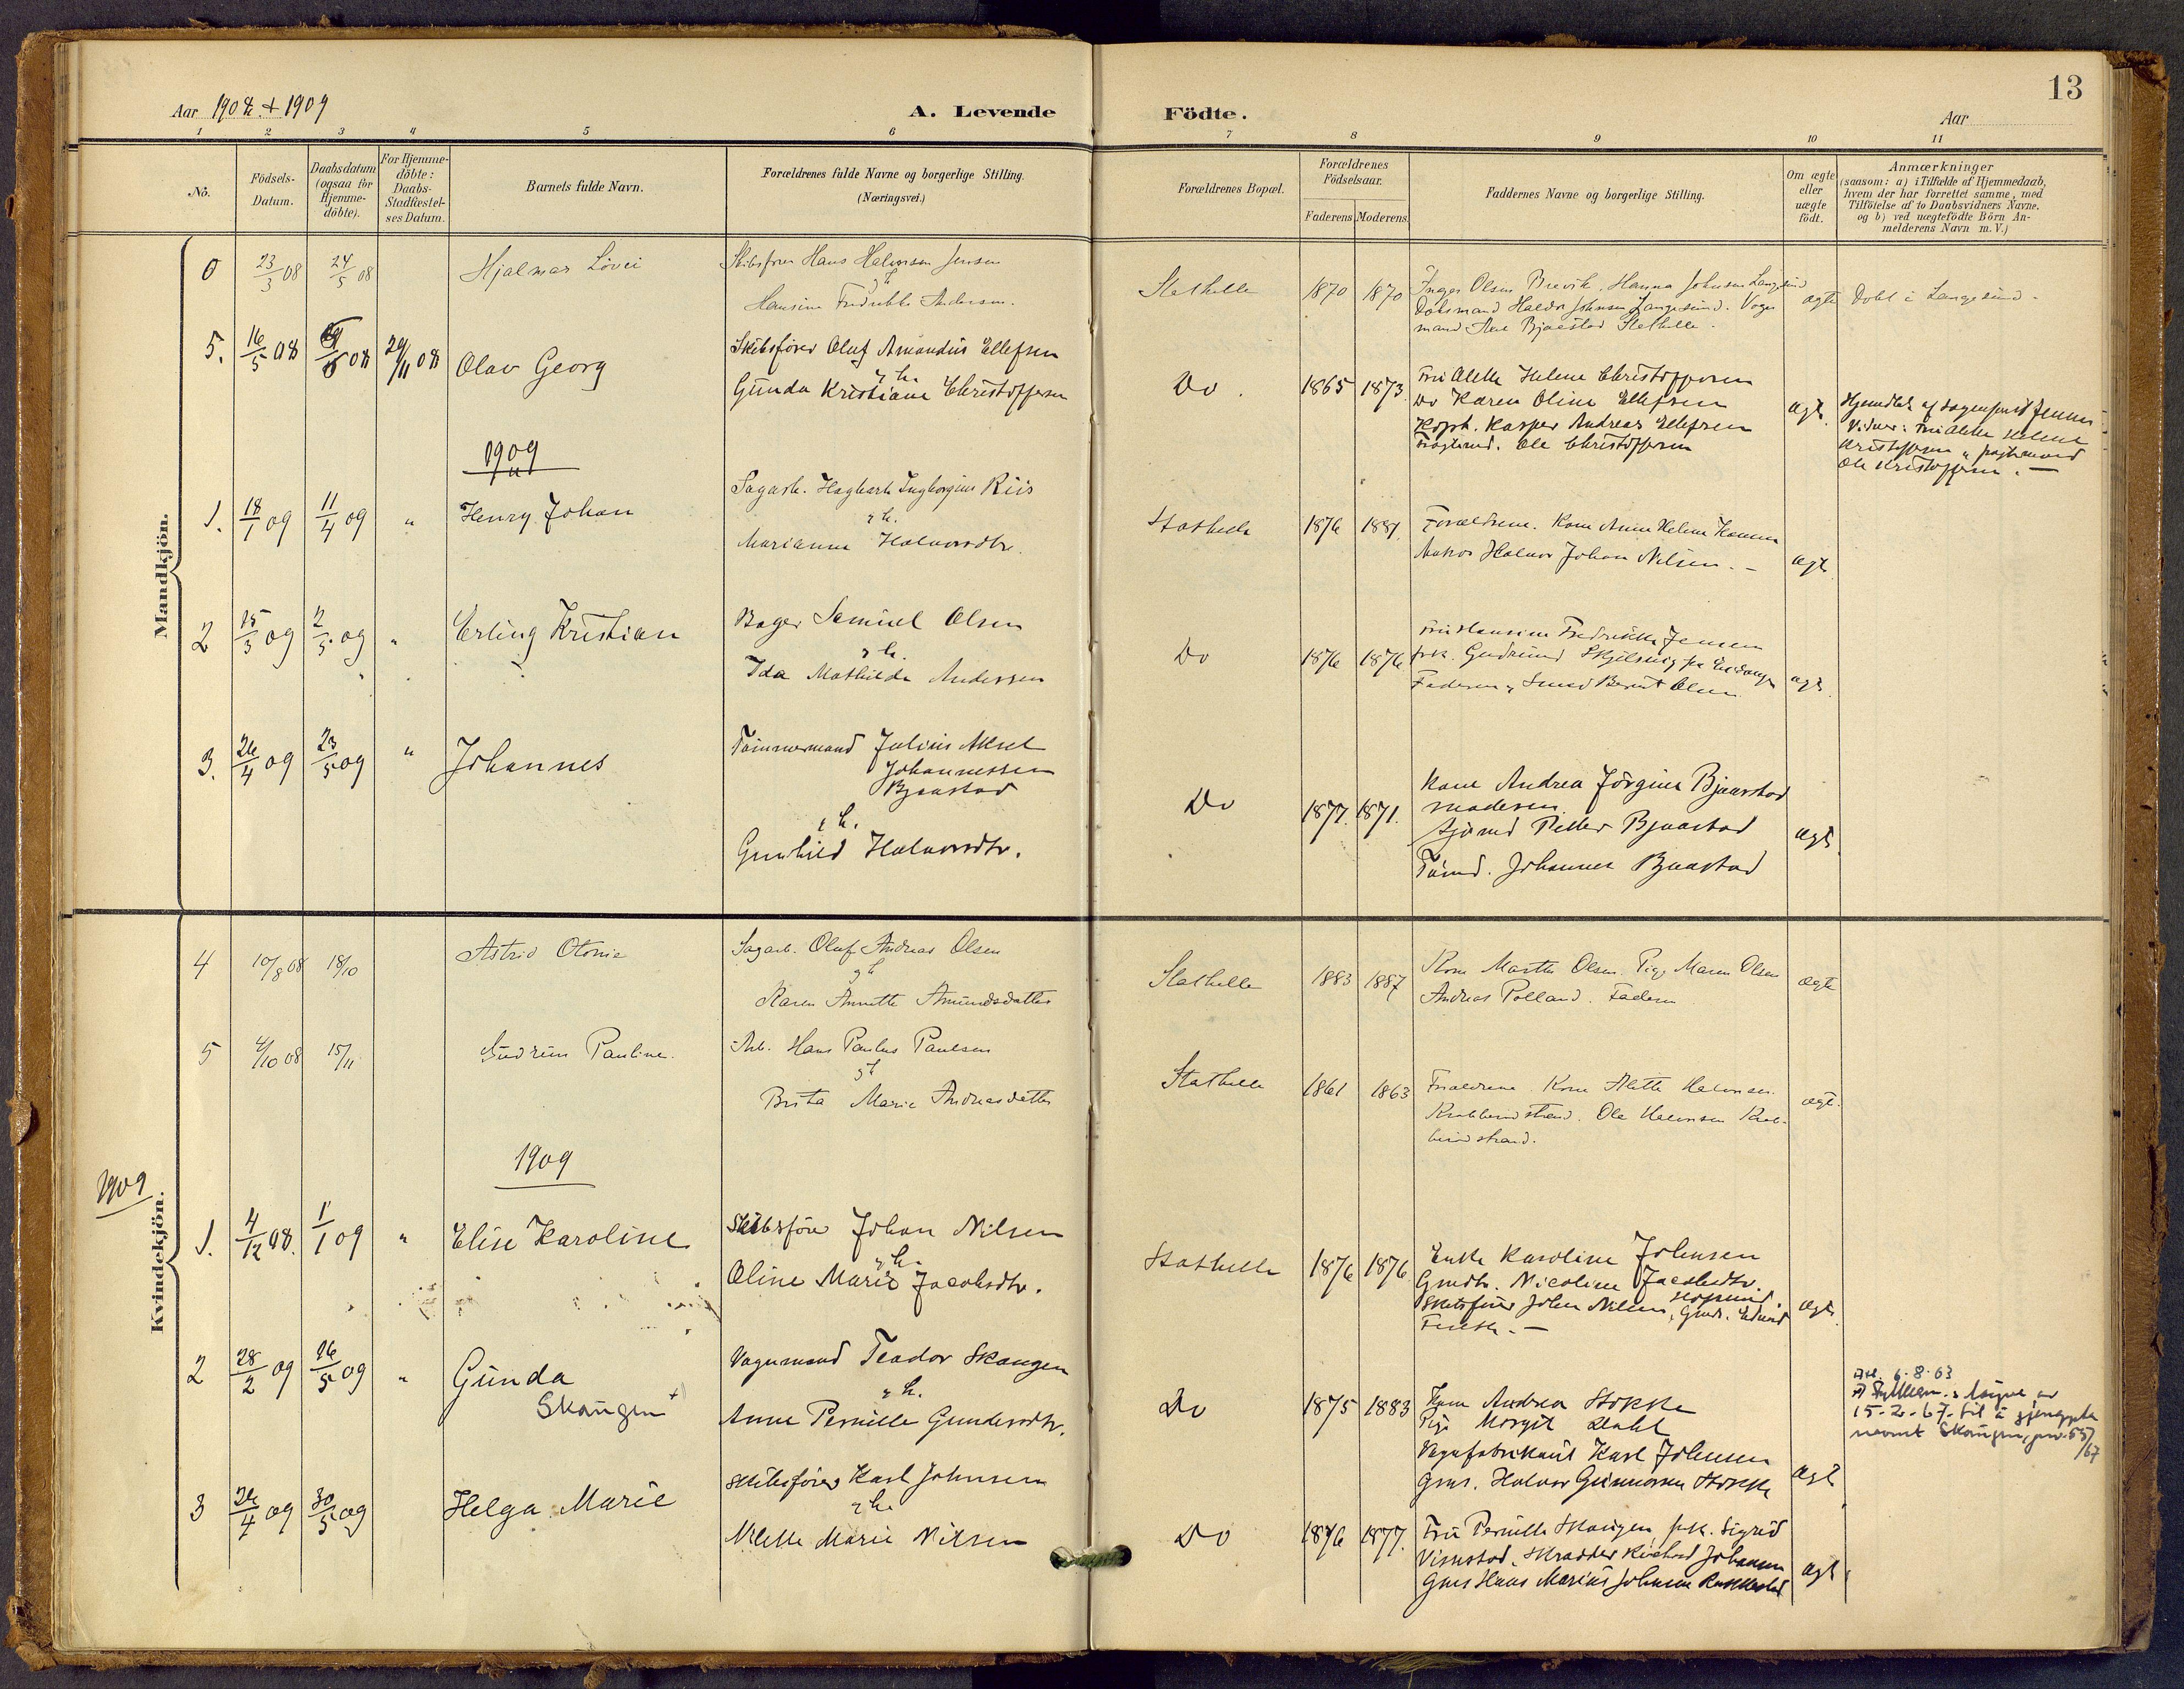 SAKO, Bamble kirkebøker, F/Fb/L0002: Ministerialbok nr. II 2, 1900-1921, s. 13